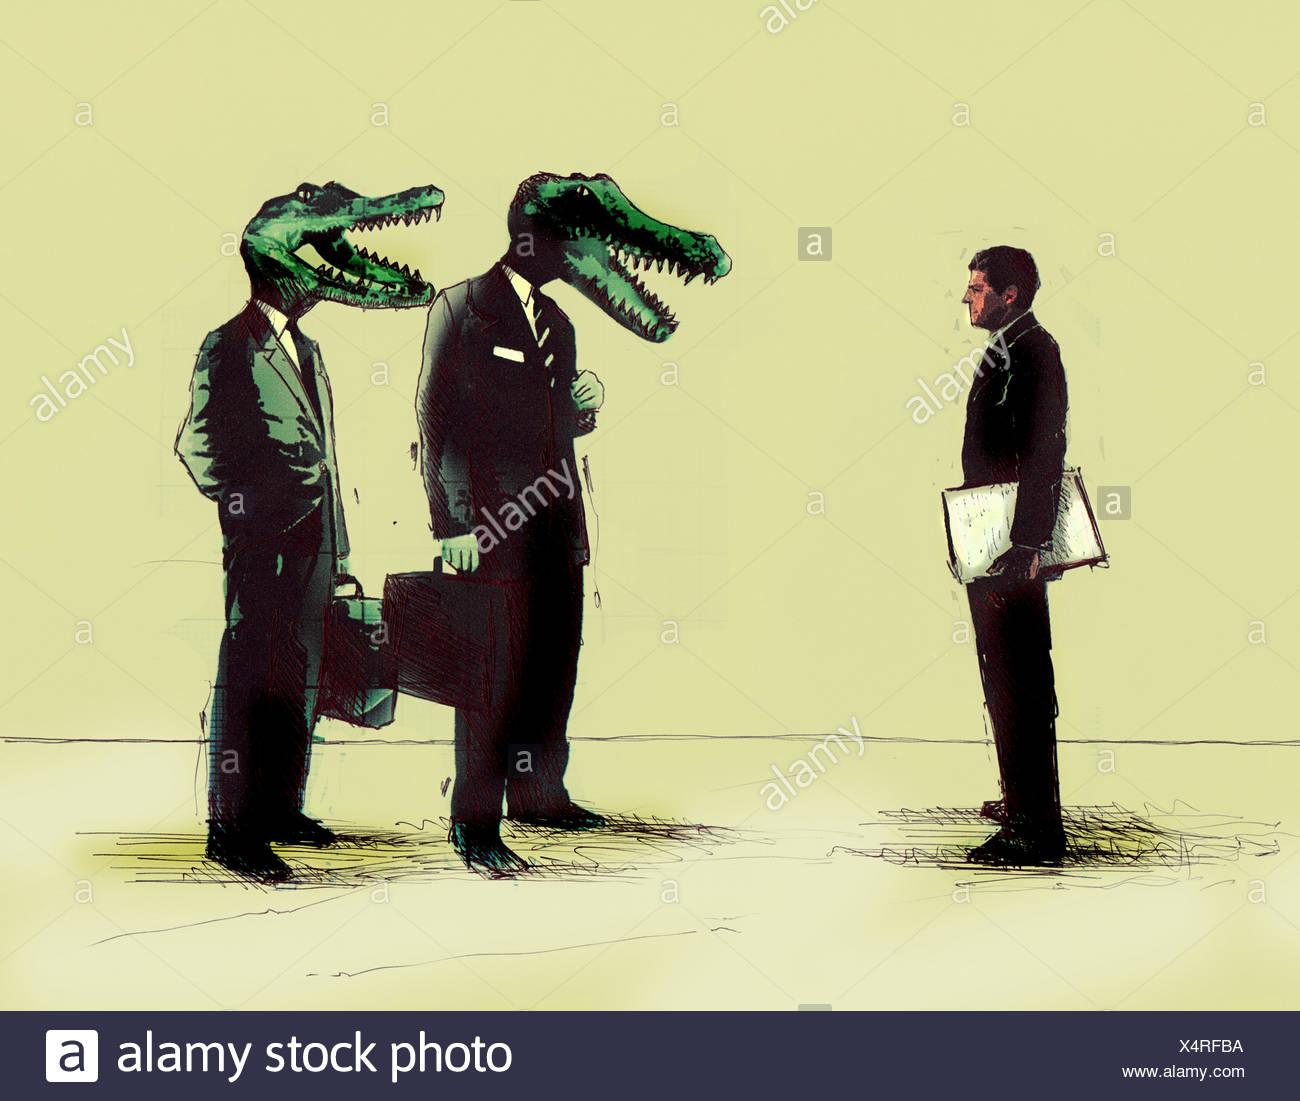 Empresario empresarios reunión con cabezas de cocodrilo Imagen De Stock